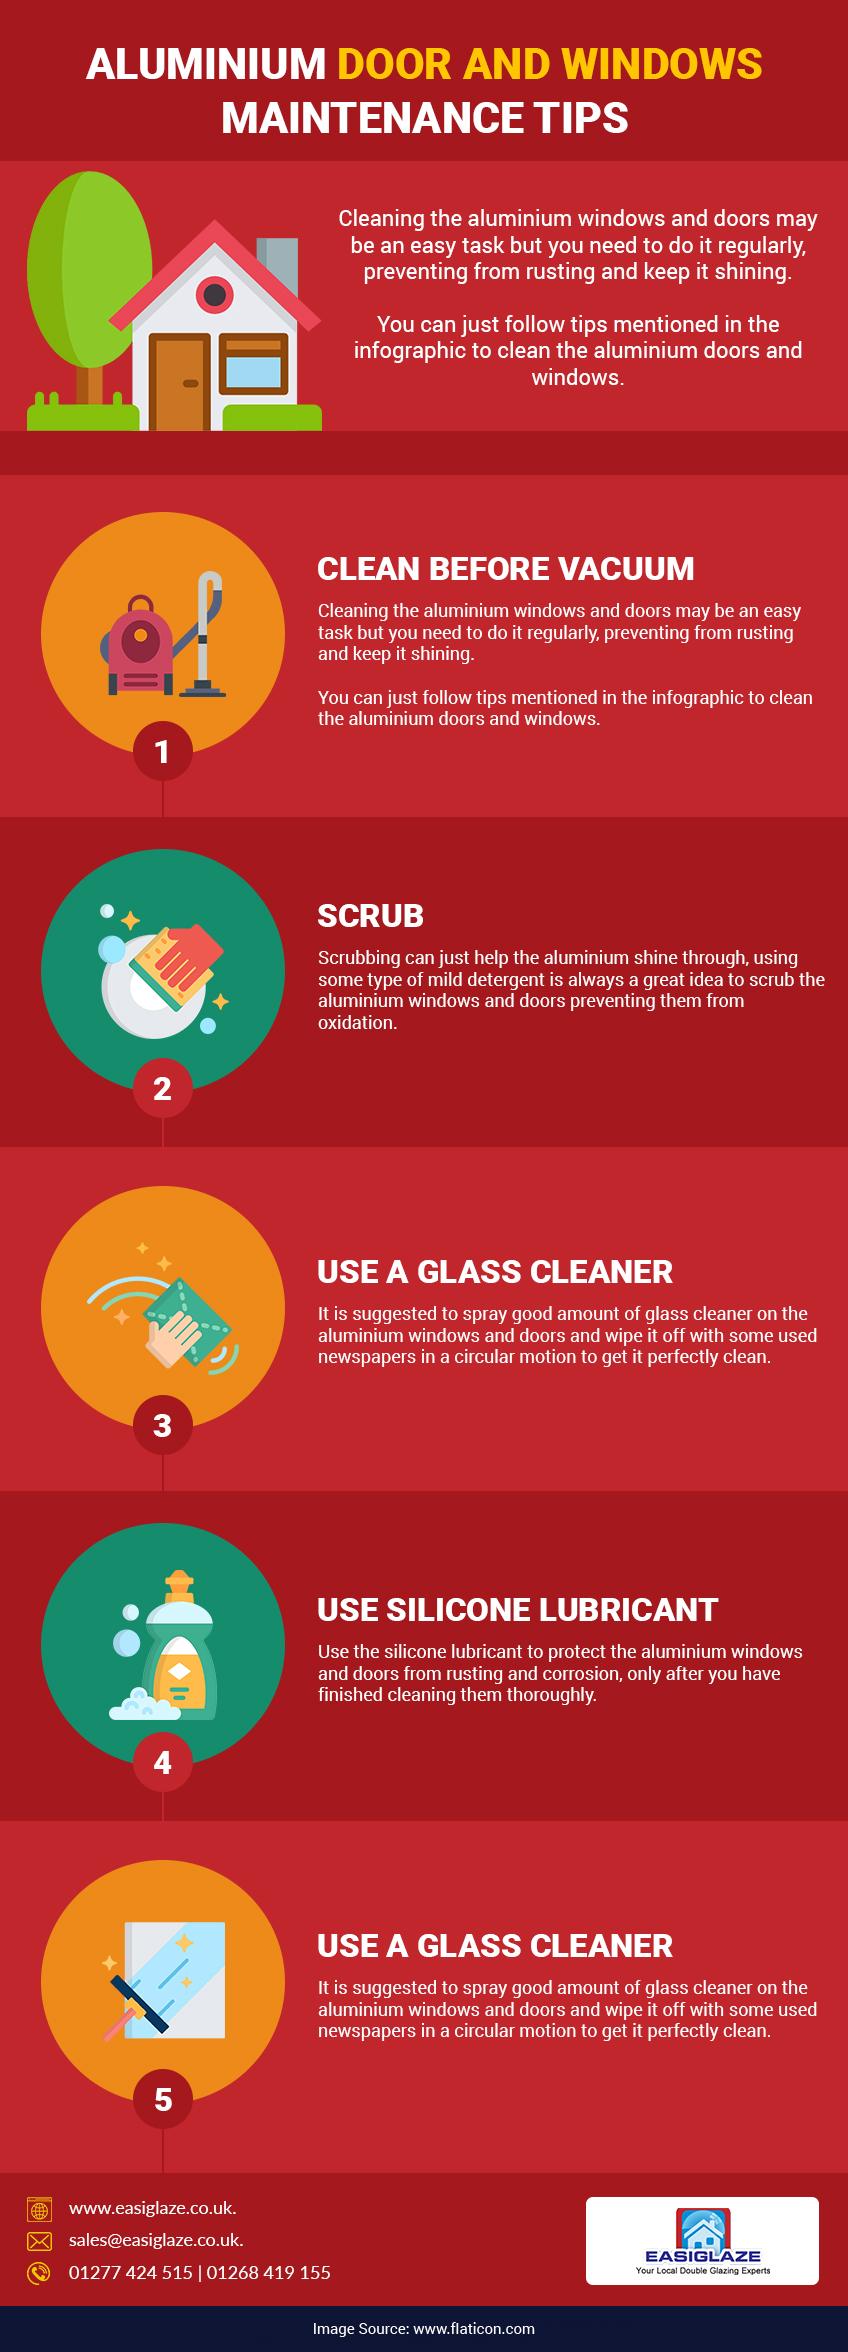 aluminium doors and windows maintenance tips